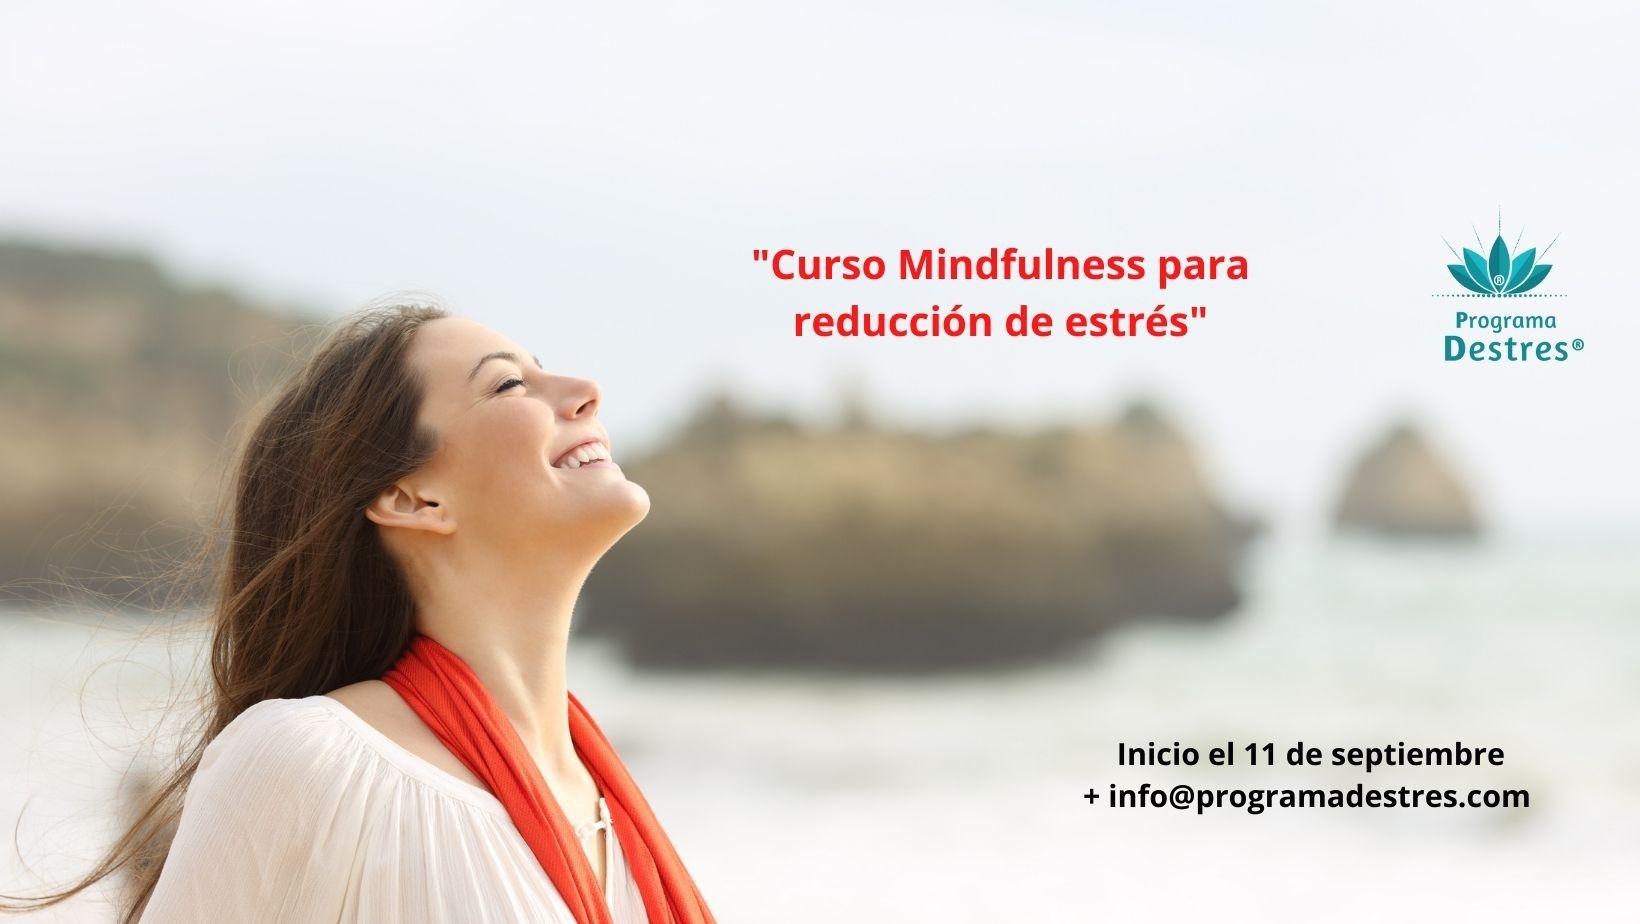 Curso Mindfulness para reducción de estrés - Mira toda la información haciendo click